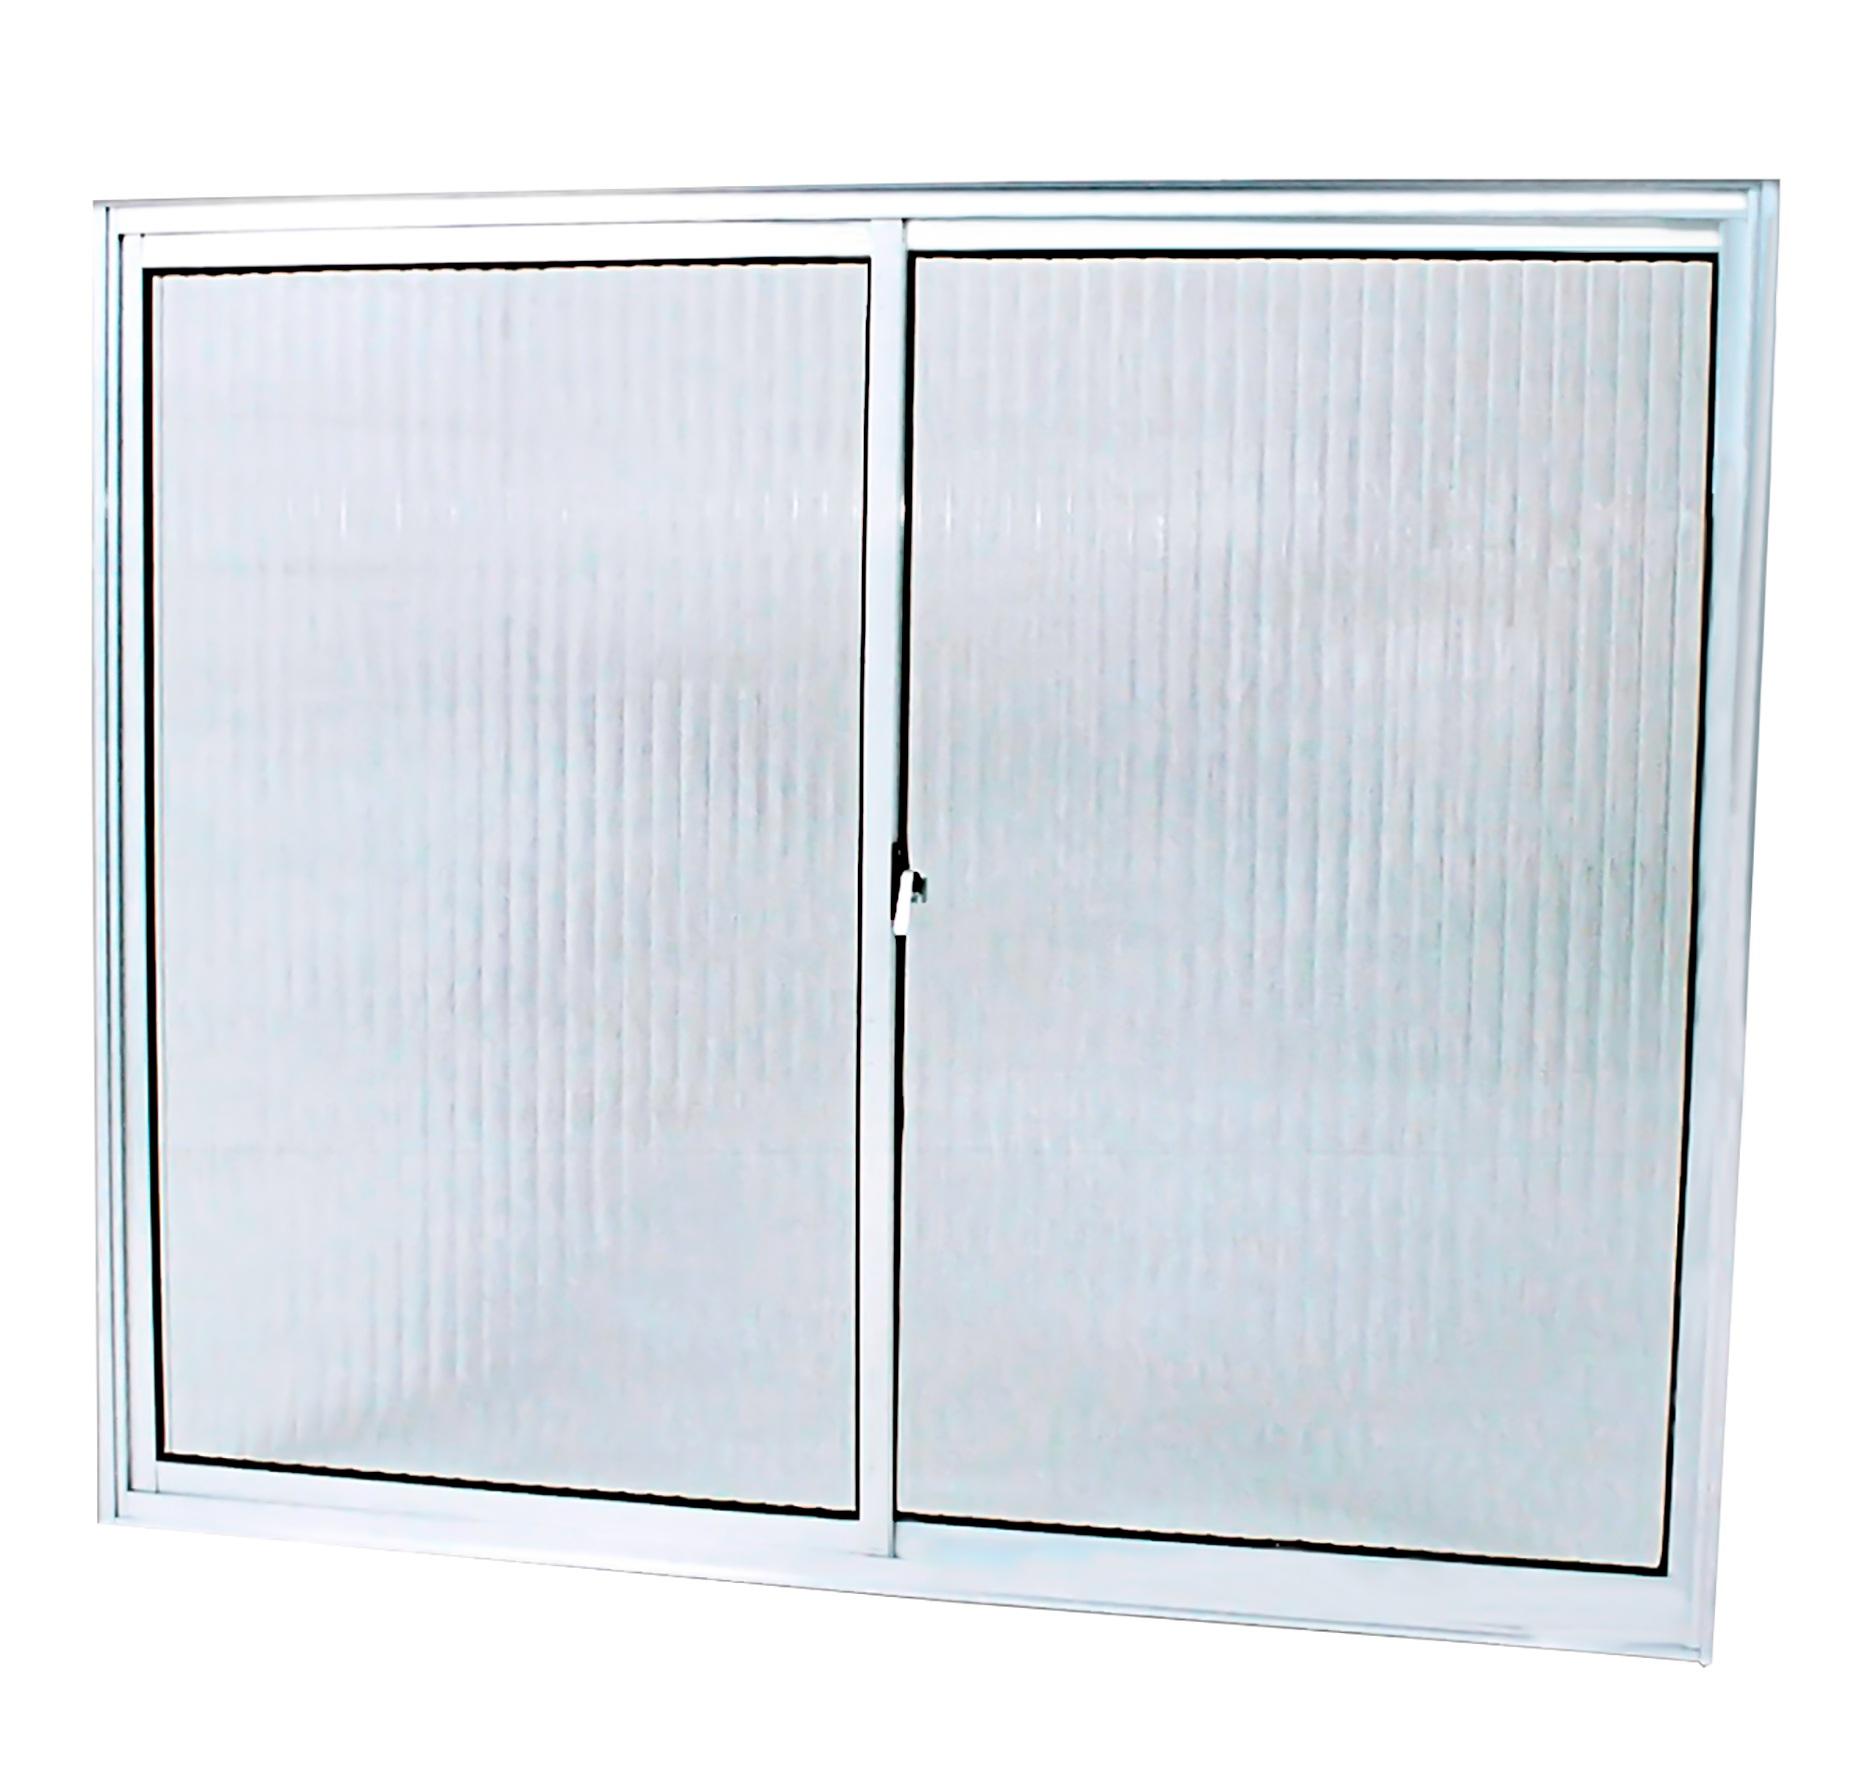 Janela 2 Folhas Móveis Vidro Canelado Slim 100x100cm Lider